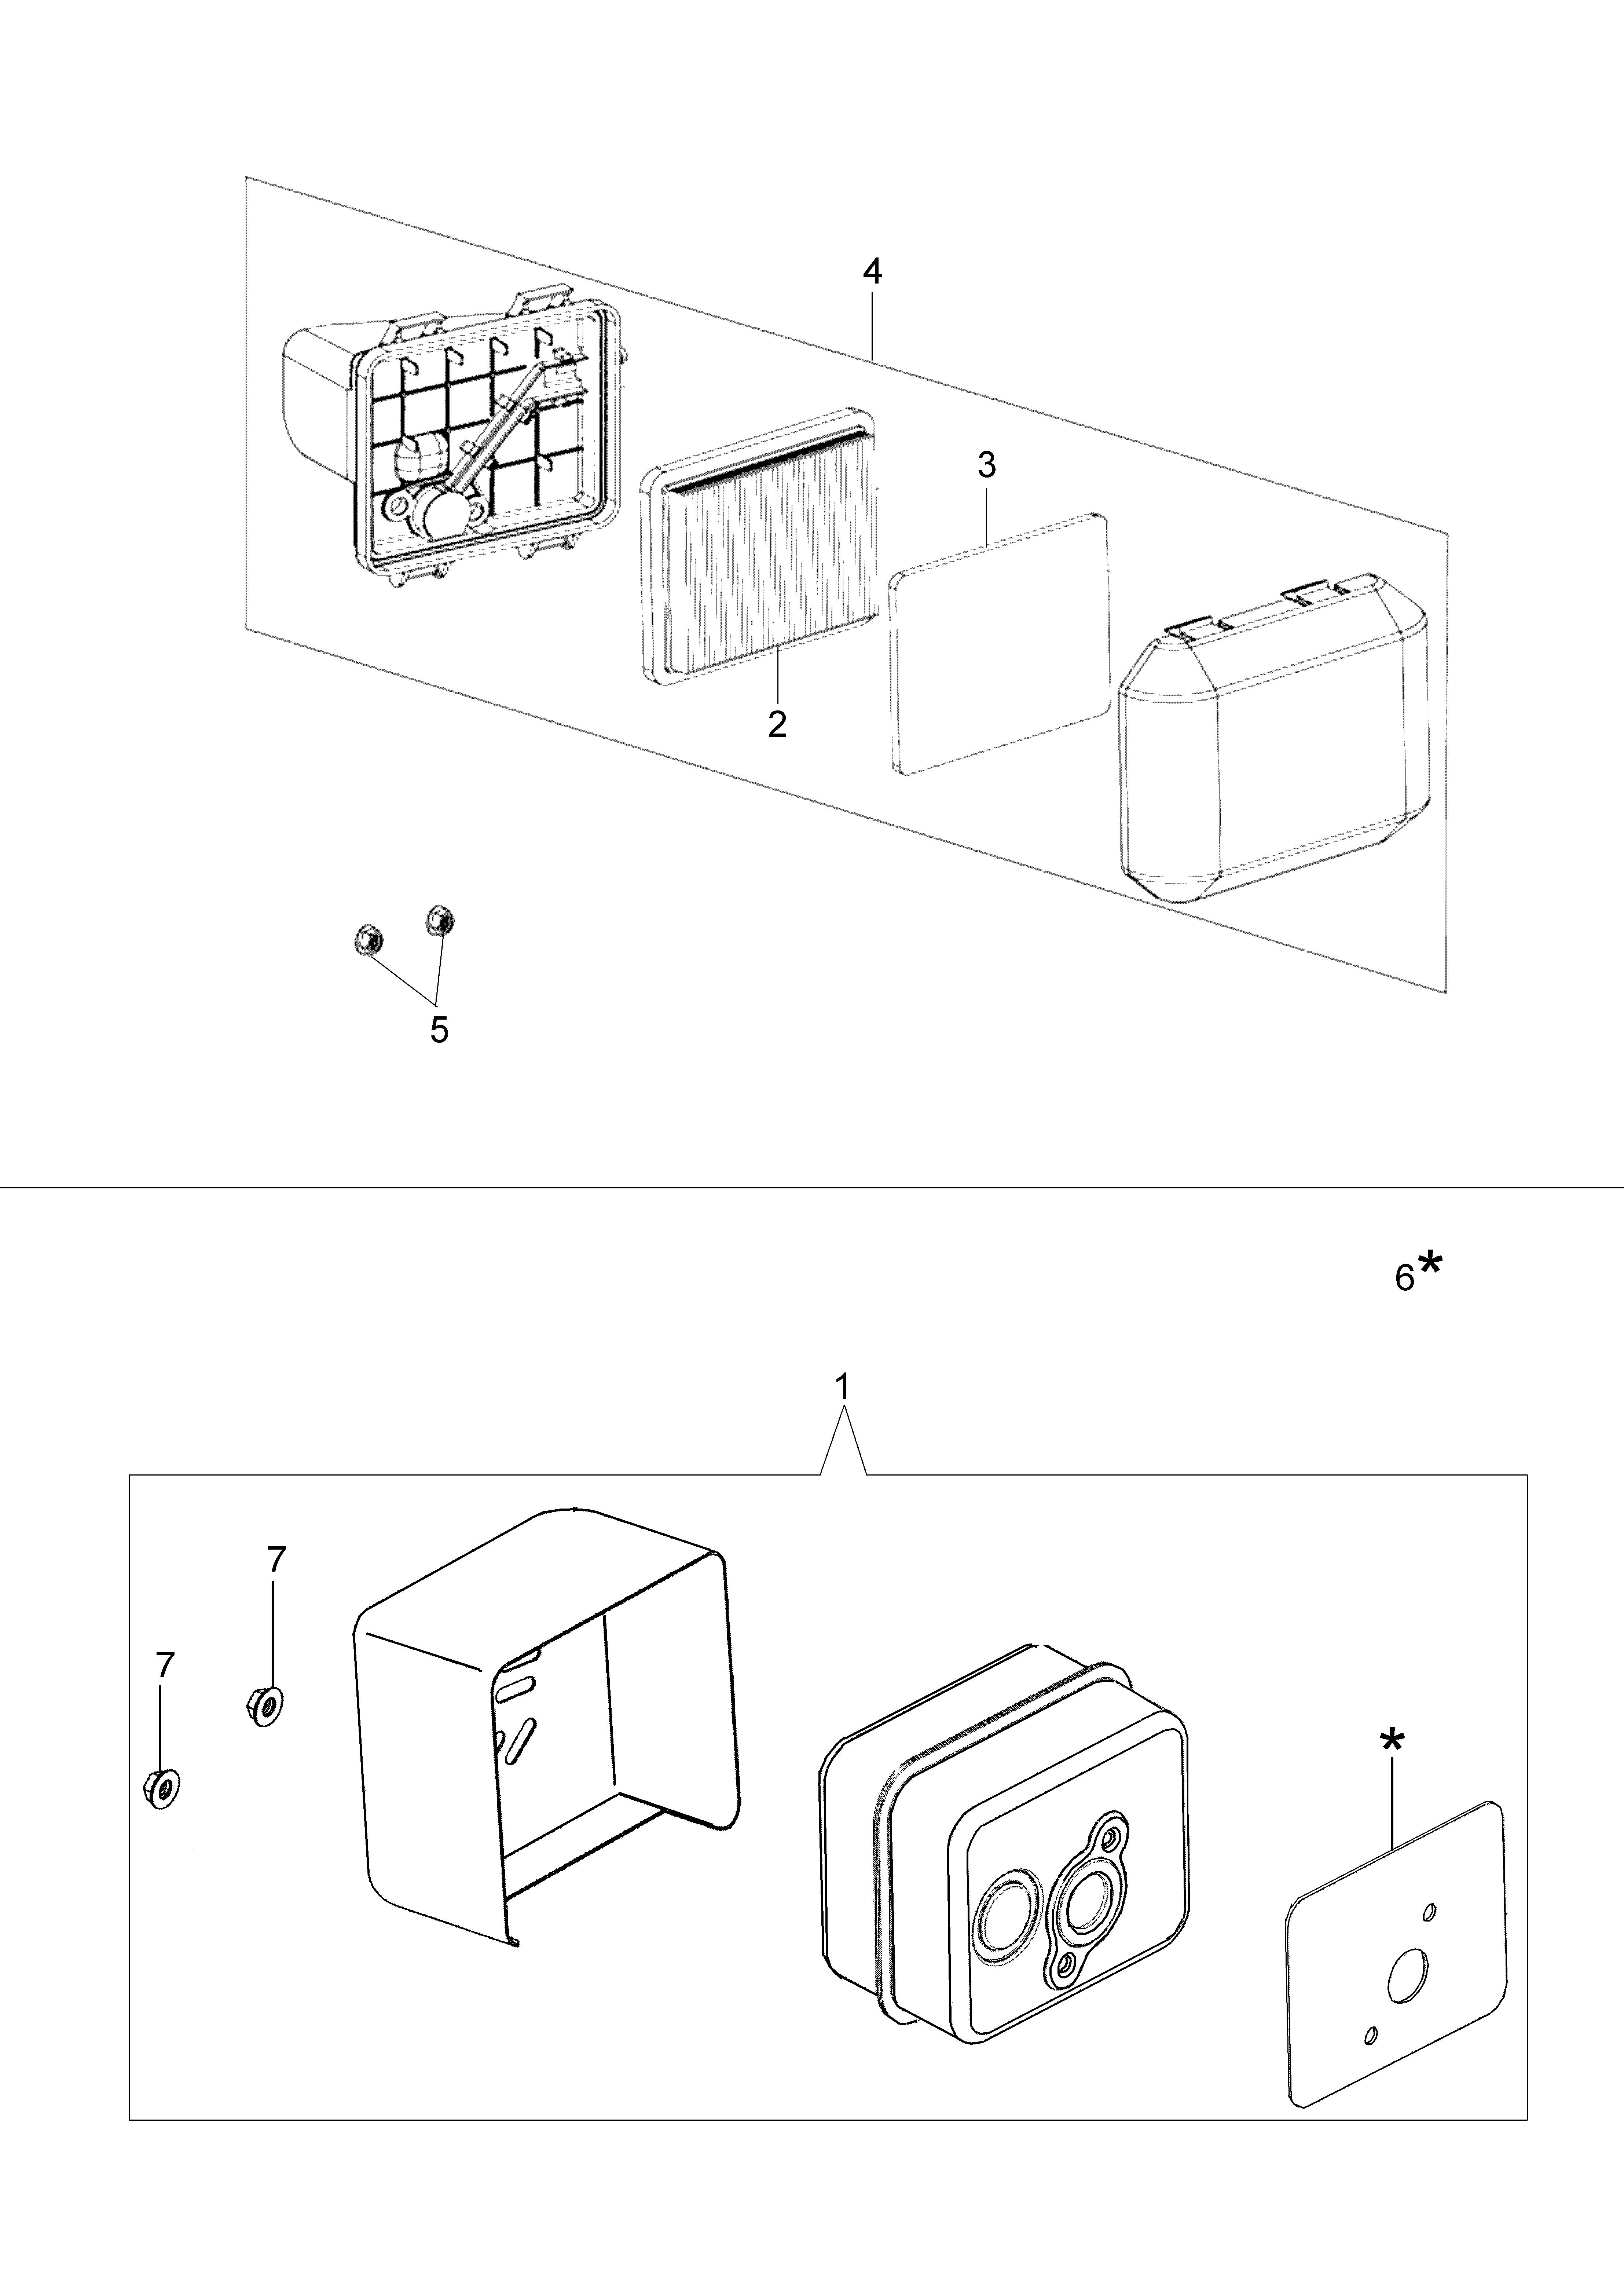 MOTEUR K500 Emak vue éclatée Dessins pièces - Filtre air et pot d échappement